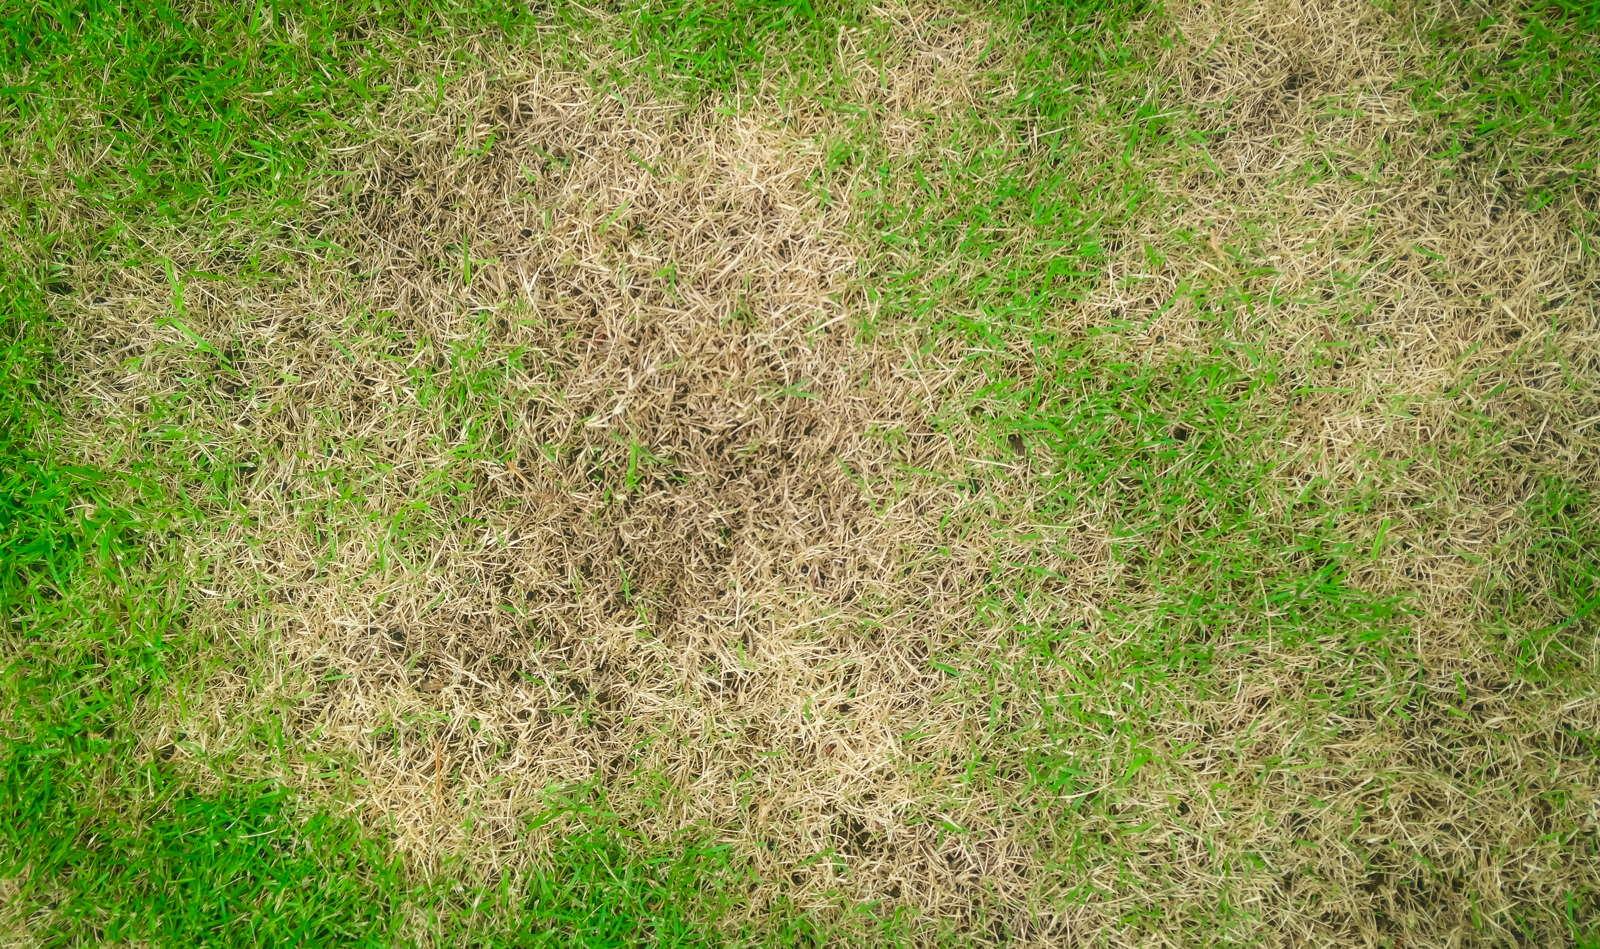 Atemberaubend Rasen überdüngt: Anzeichen & Gegenmaßnahmen - Plantura #DV_64